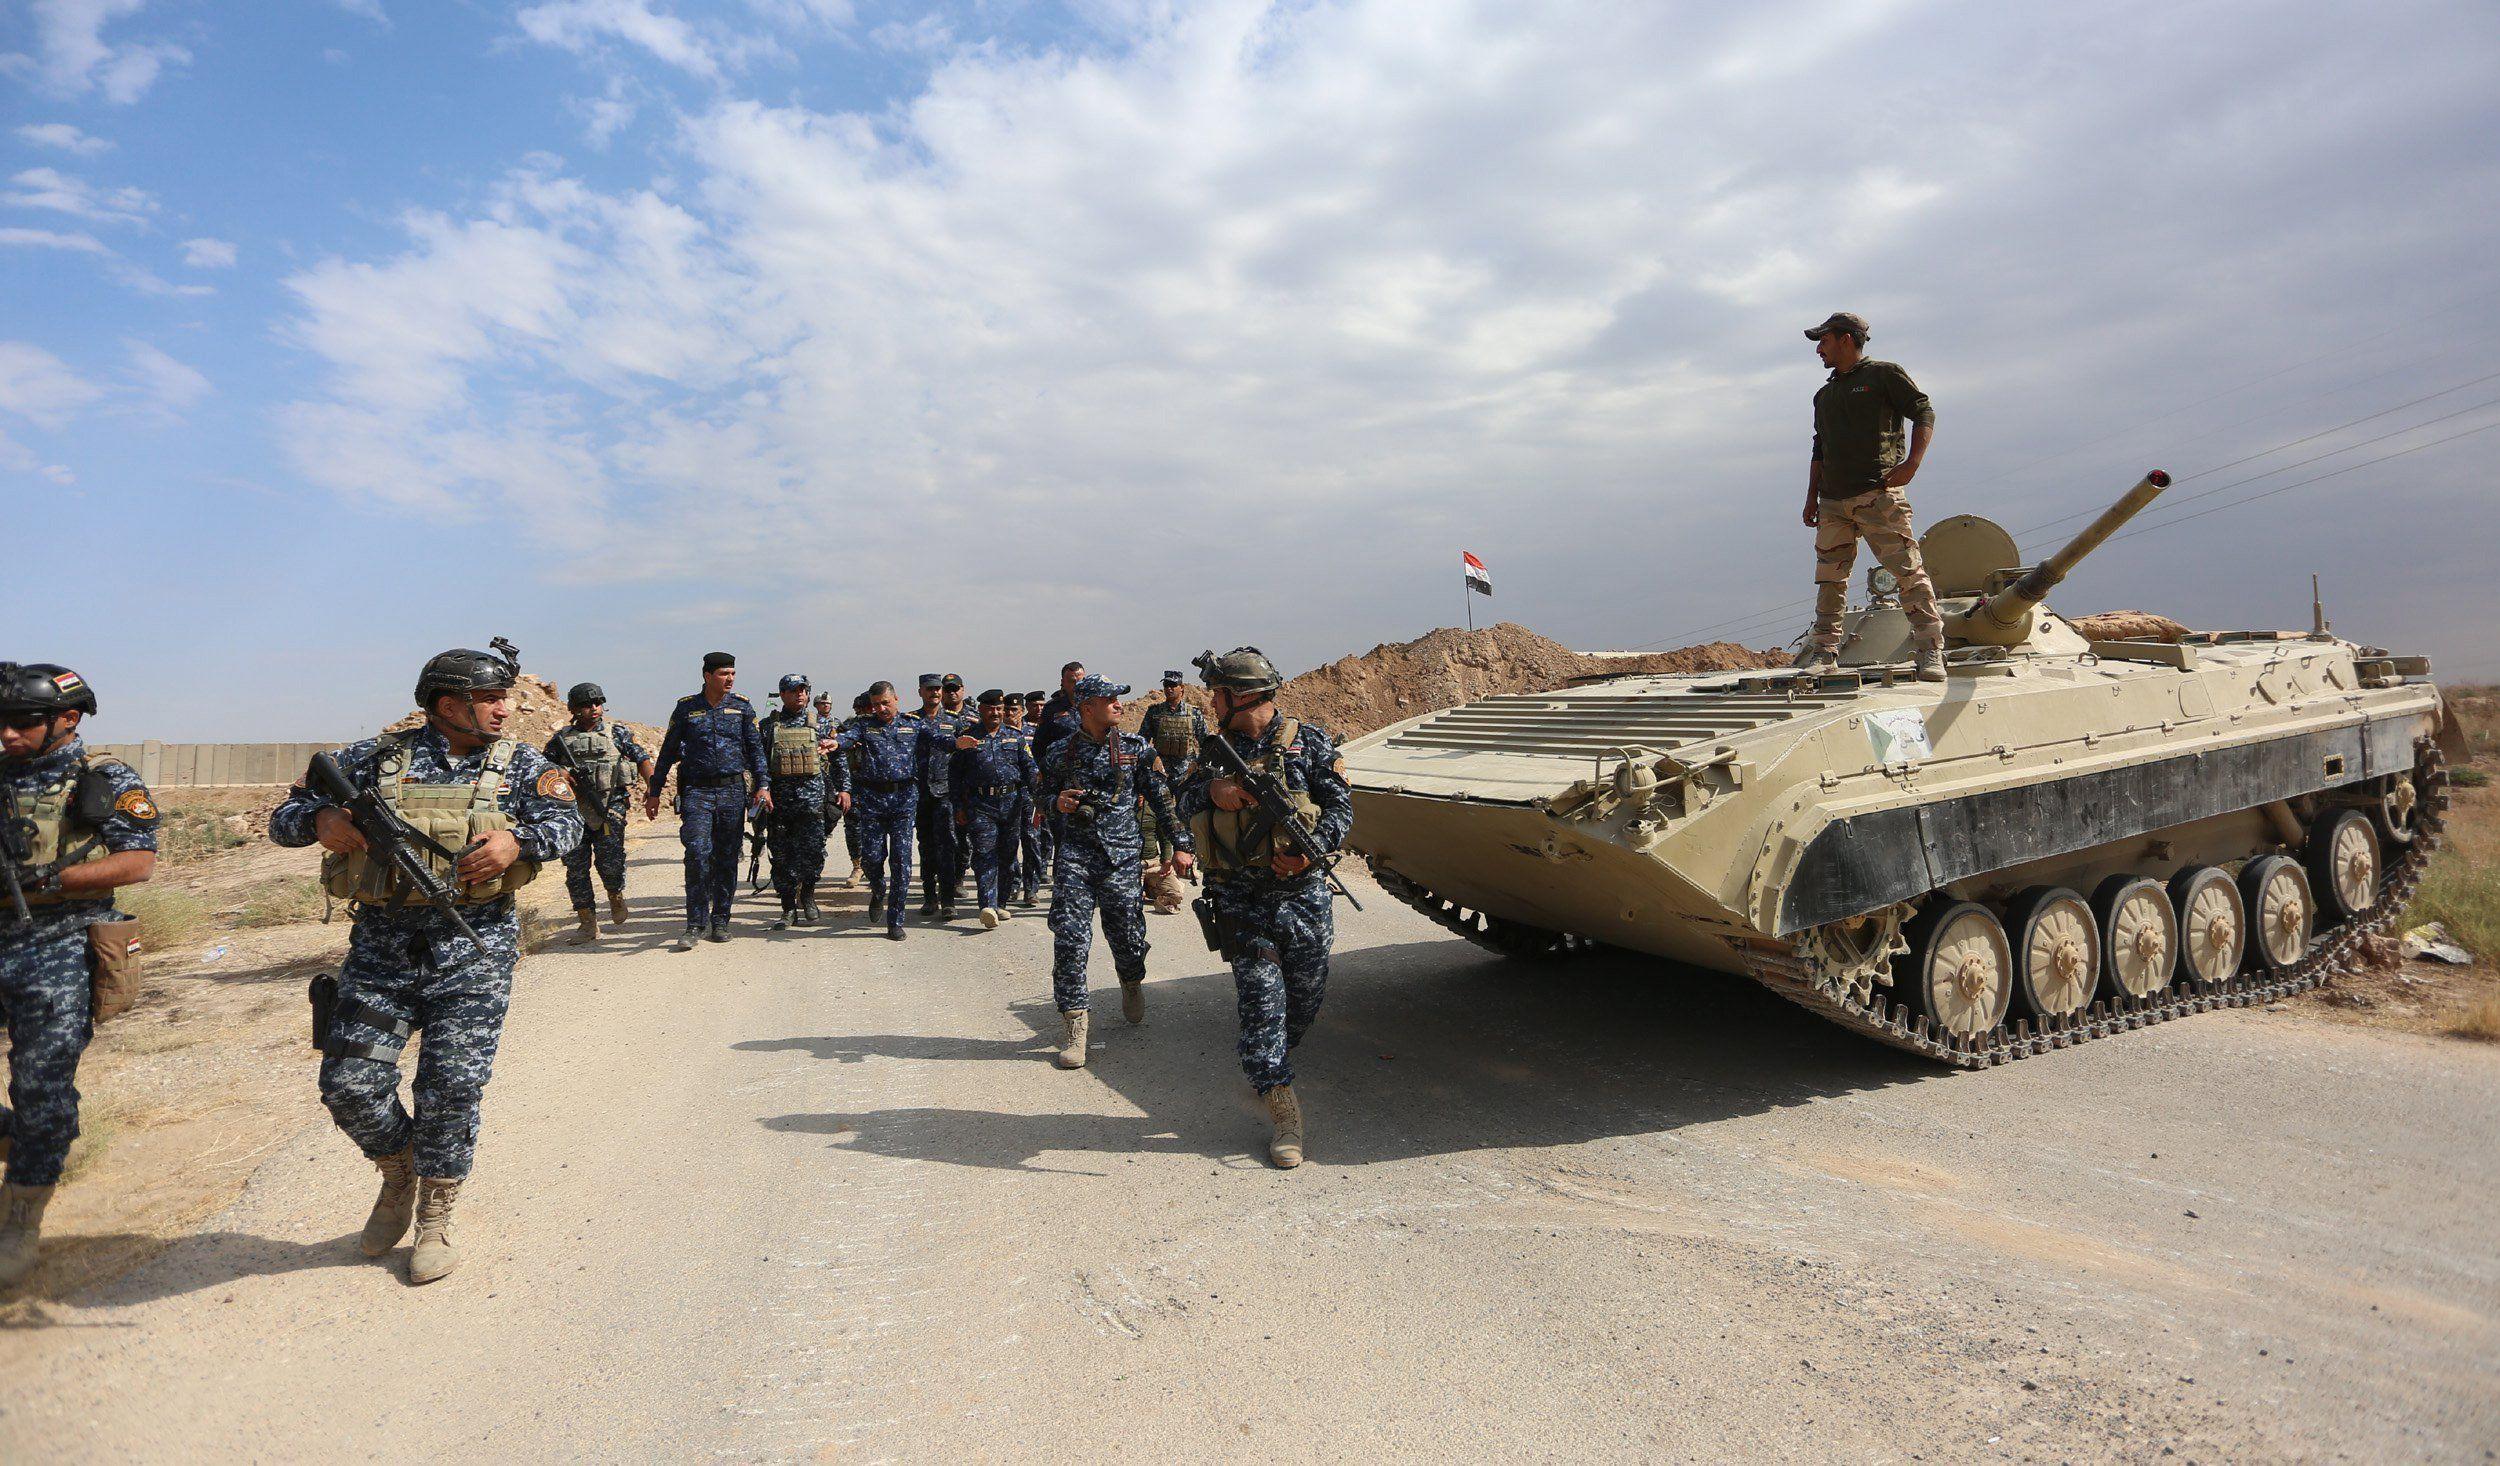 Kirkuk, 2017. október 16. Az iraki biztonsági erők tagjai bevetésre készülnek a Kurdisztáni Munkáspárt fegyveresei és kurd pesmerga harcosok ellen az észak-iraki Kirkuk tartomány azonos nevű székhelye közelében, Rasadnál 2017. október 16-án. Az iraki hadsereg ezen a napon több, stratégiai jelentőségû létesítmény bevételét jelentette az olajban gazdag tartományban. (MTI/EPA/Murtadzsa Latif)